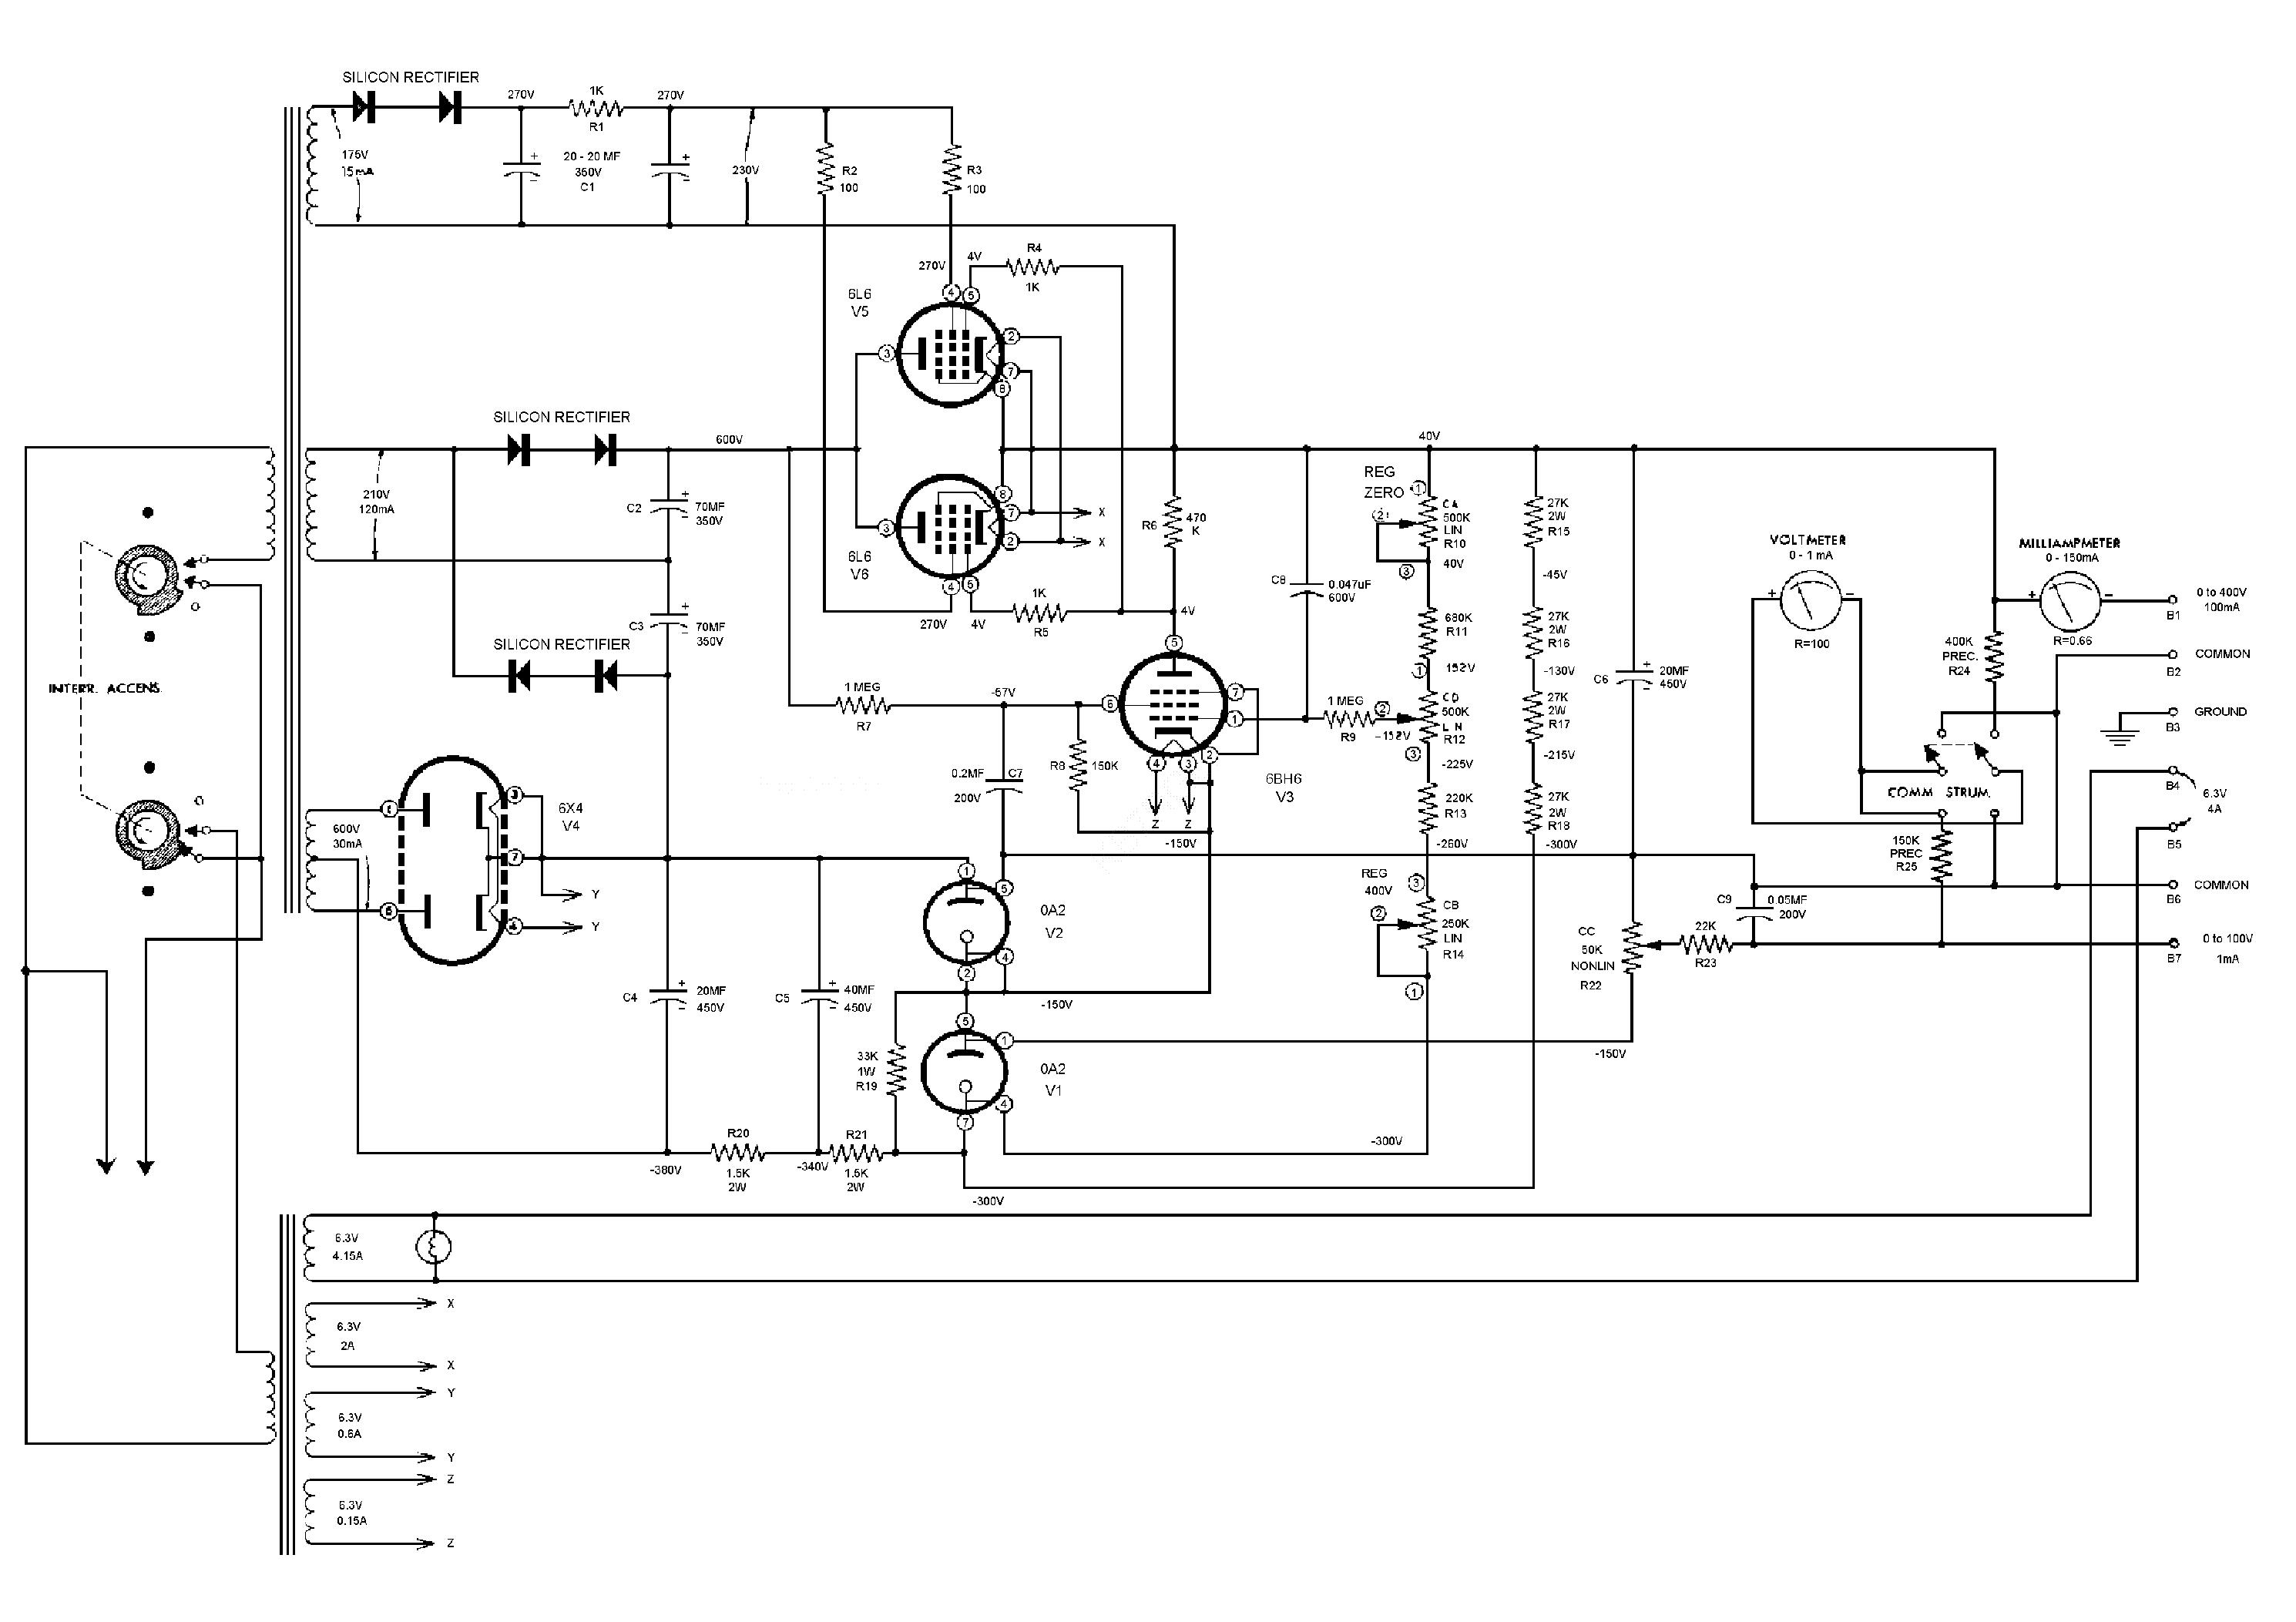 Unit 4 Diagram 1 Manual Guide